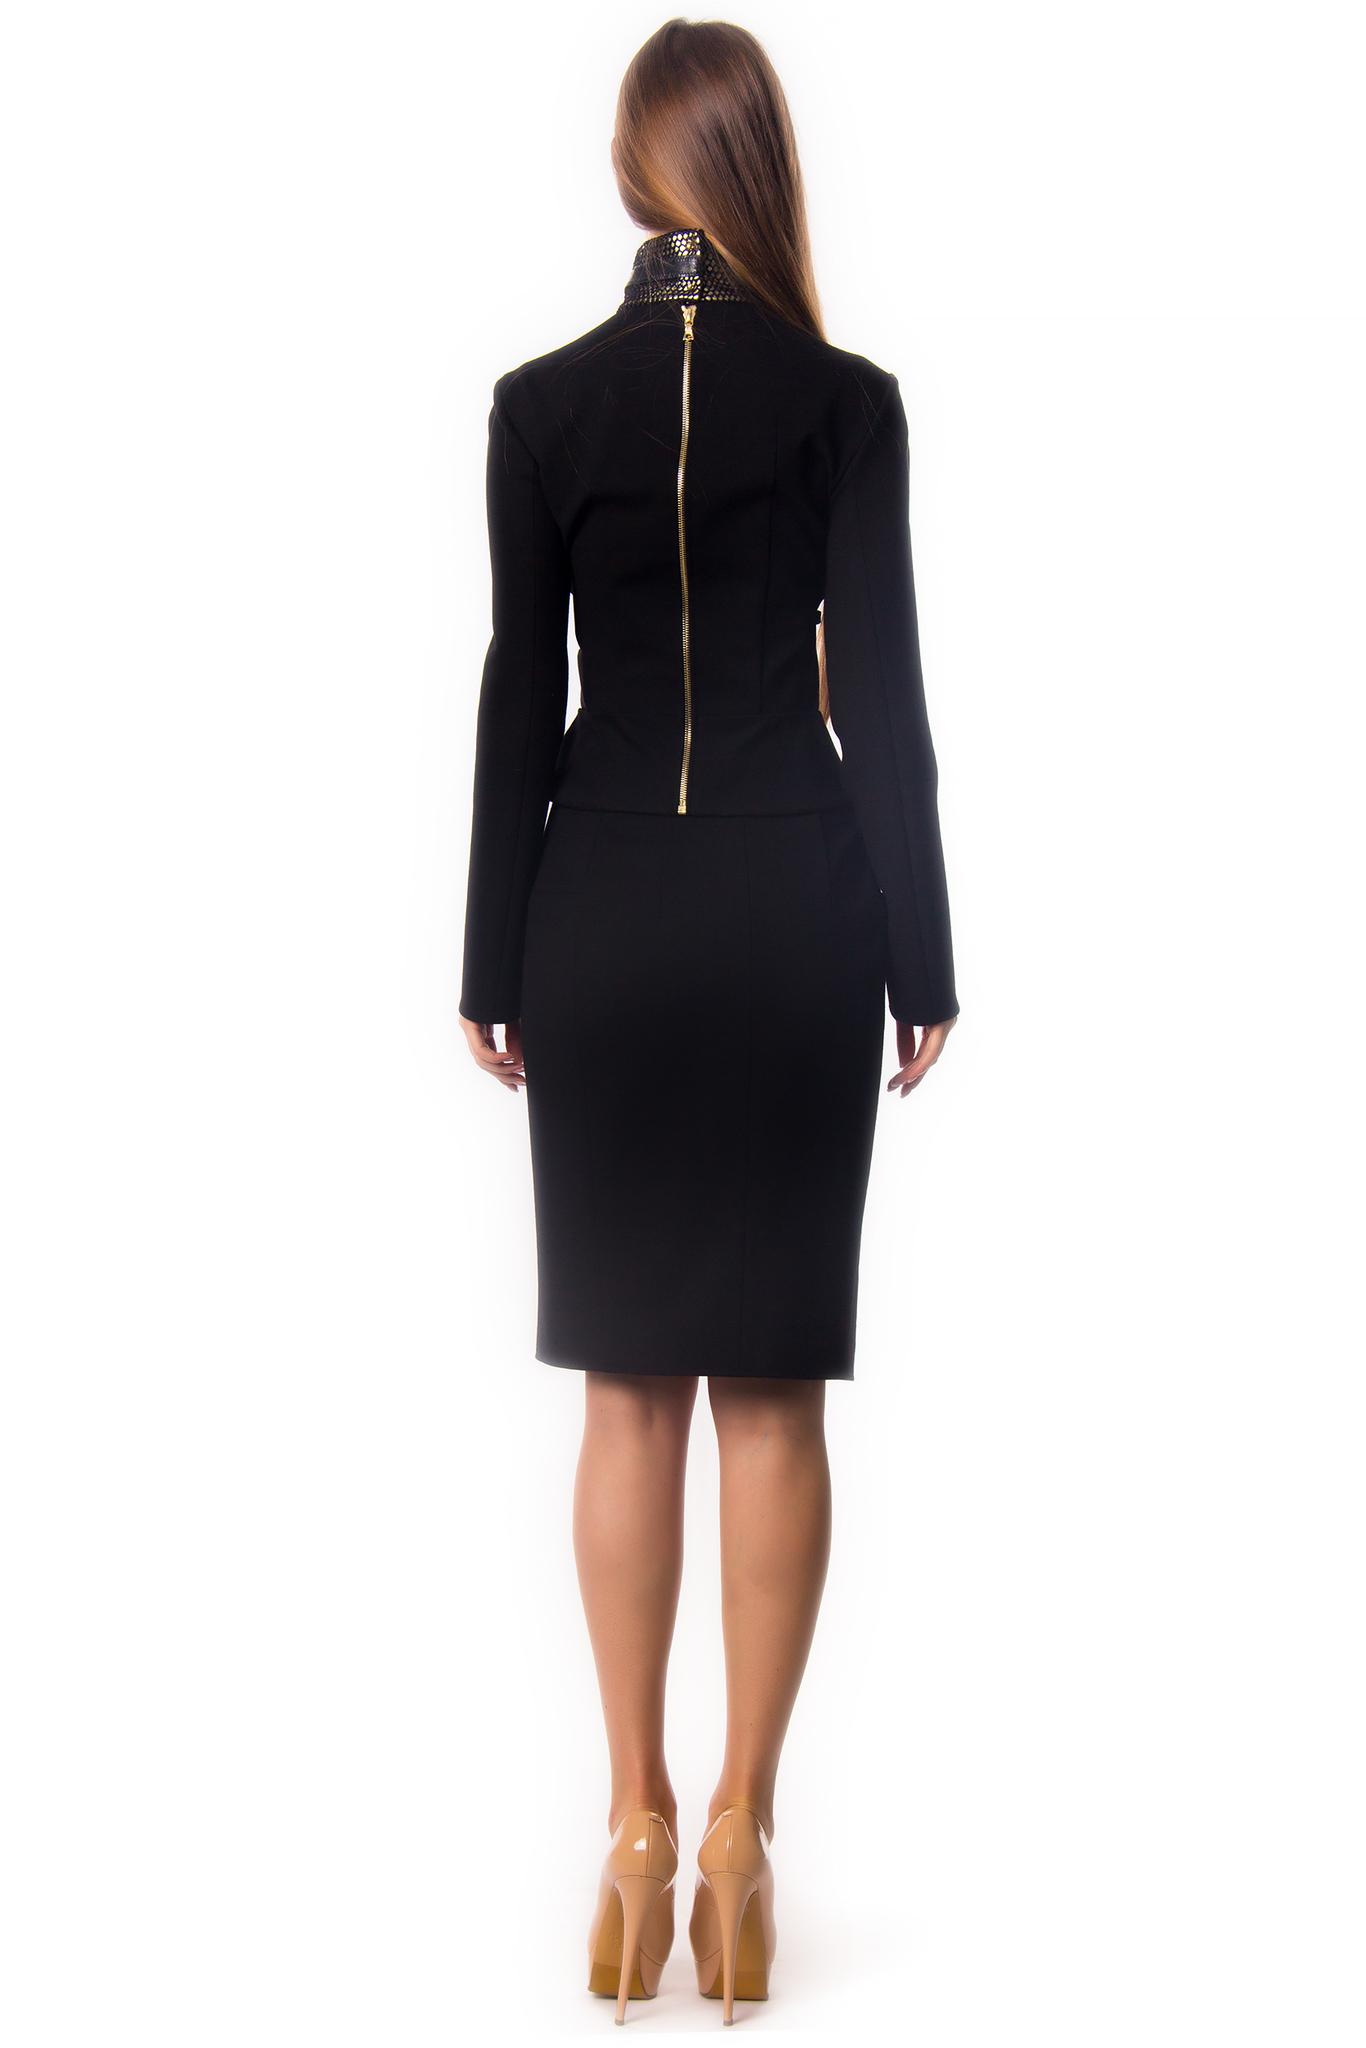 Черный костюм БРА с жакетом, драпированным кожаными ремнями, и юбкой-мини